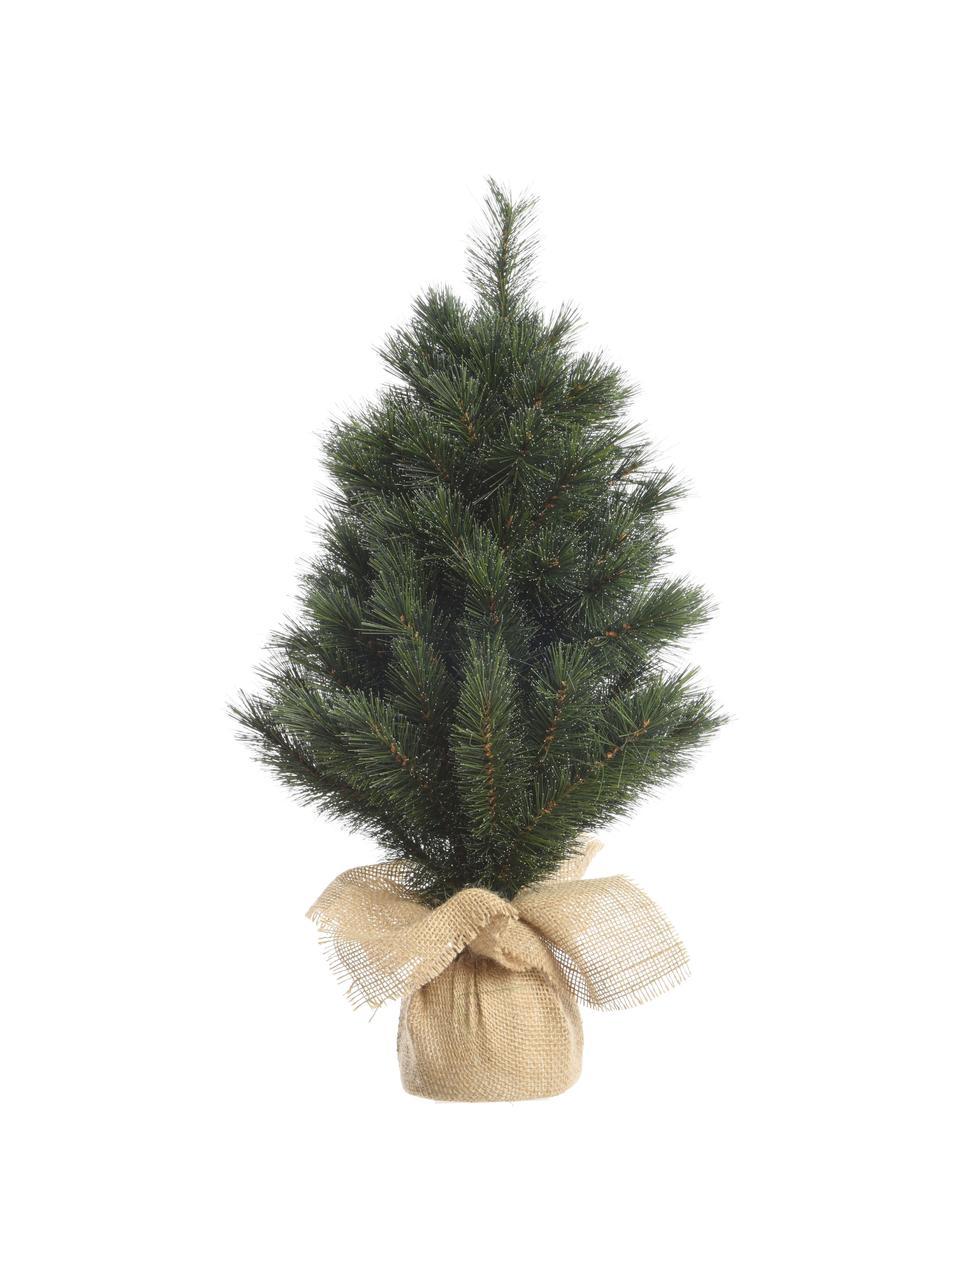 Künstlicher Weihnachtsbaum Malmo, Grün, Ø 30 x H 45 cm